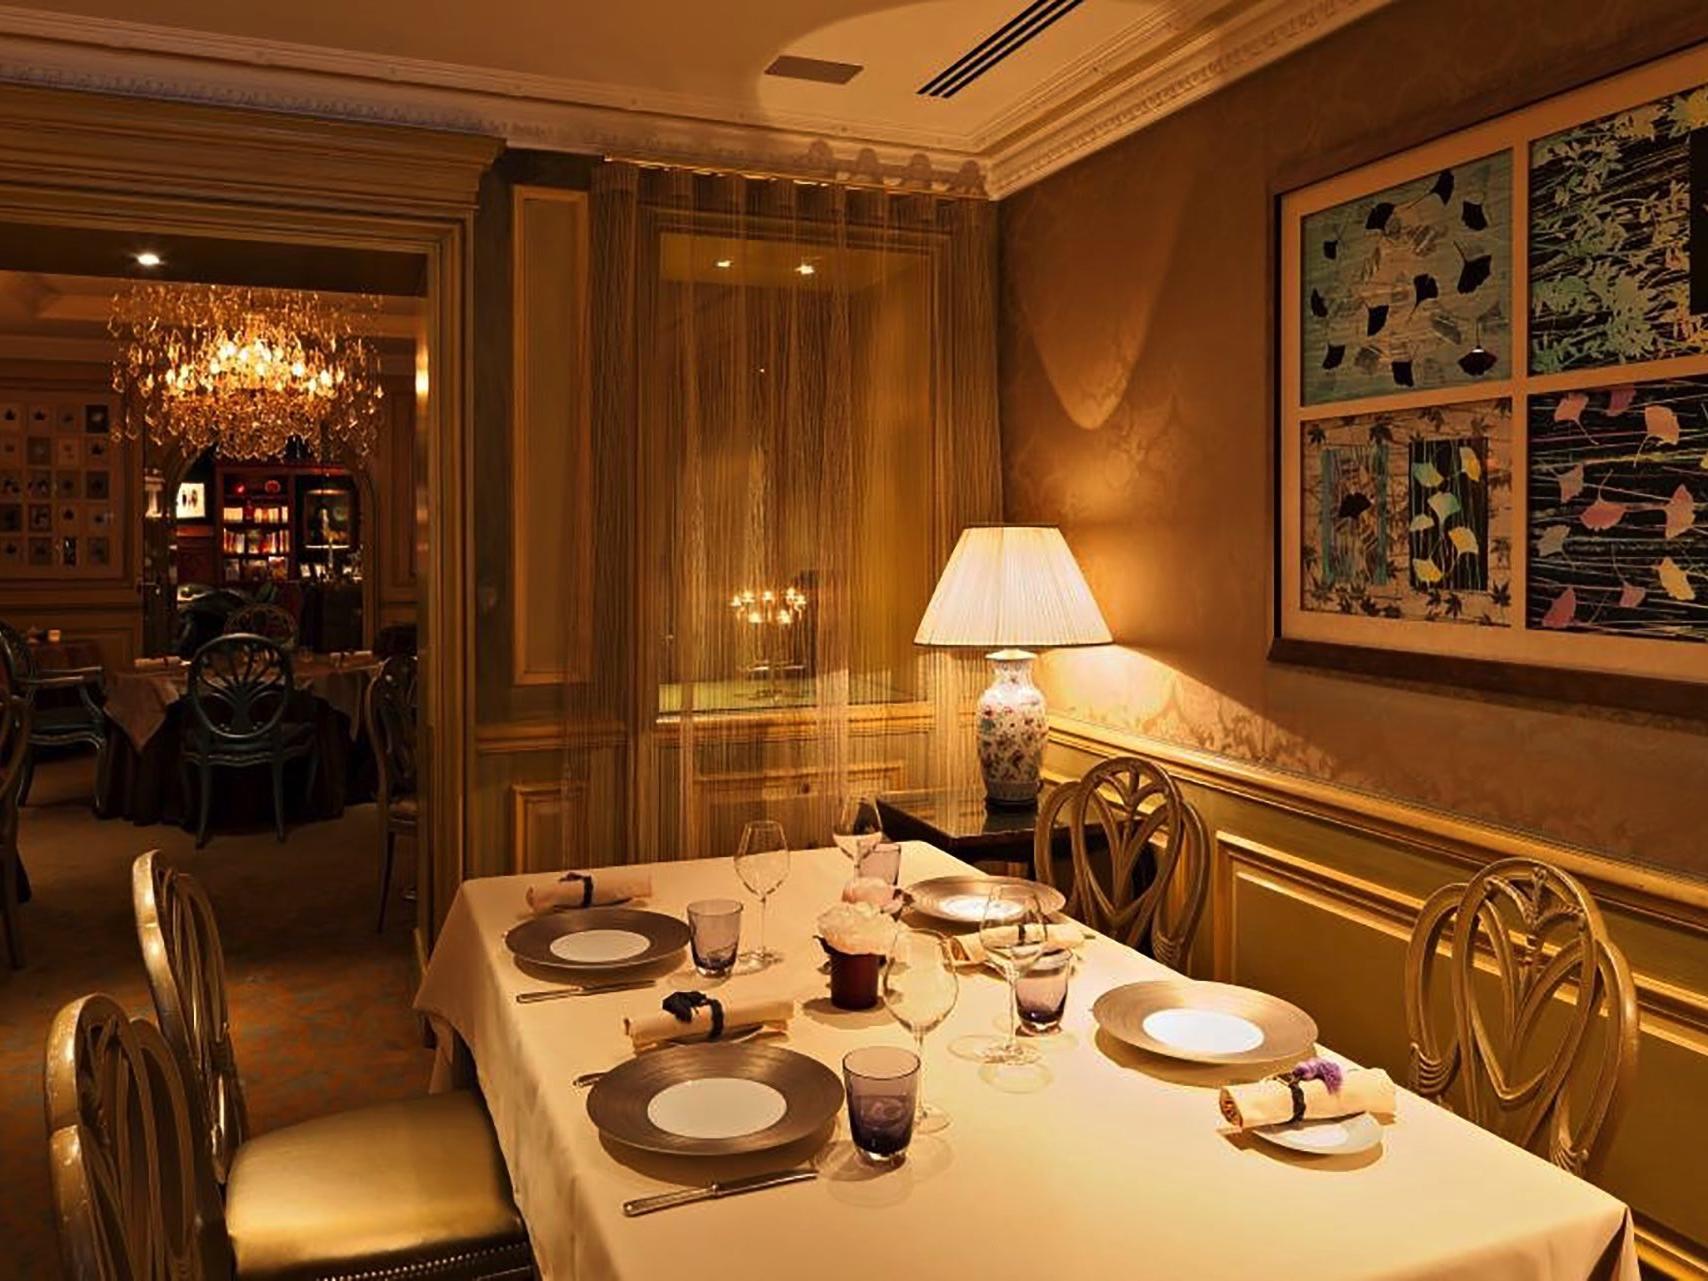 Restaurant Le Celadon at Hôtel Westminster